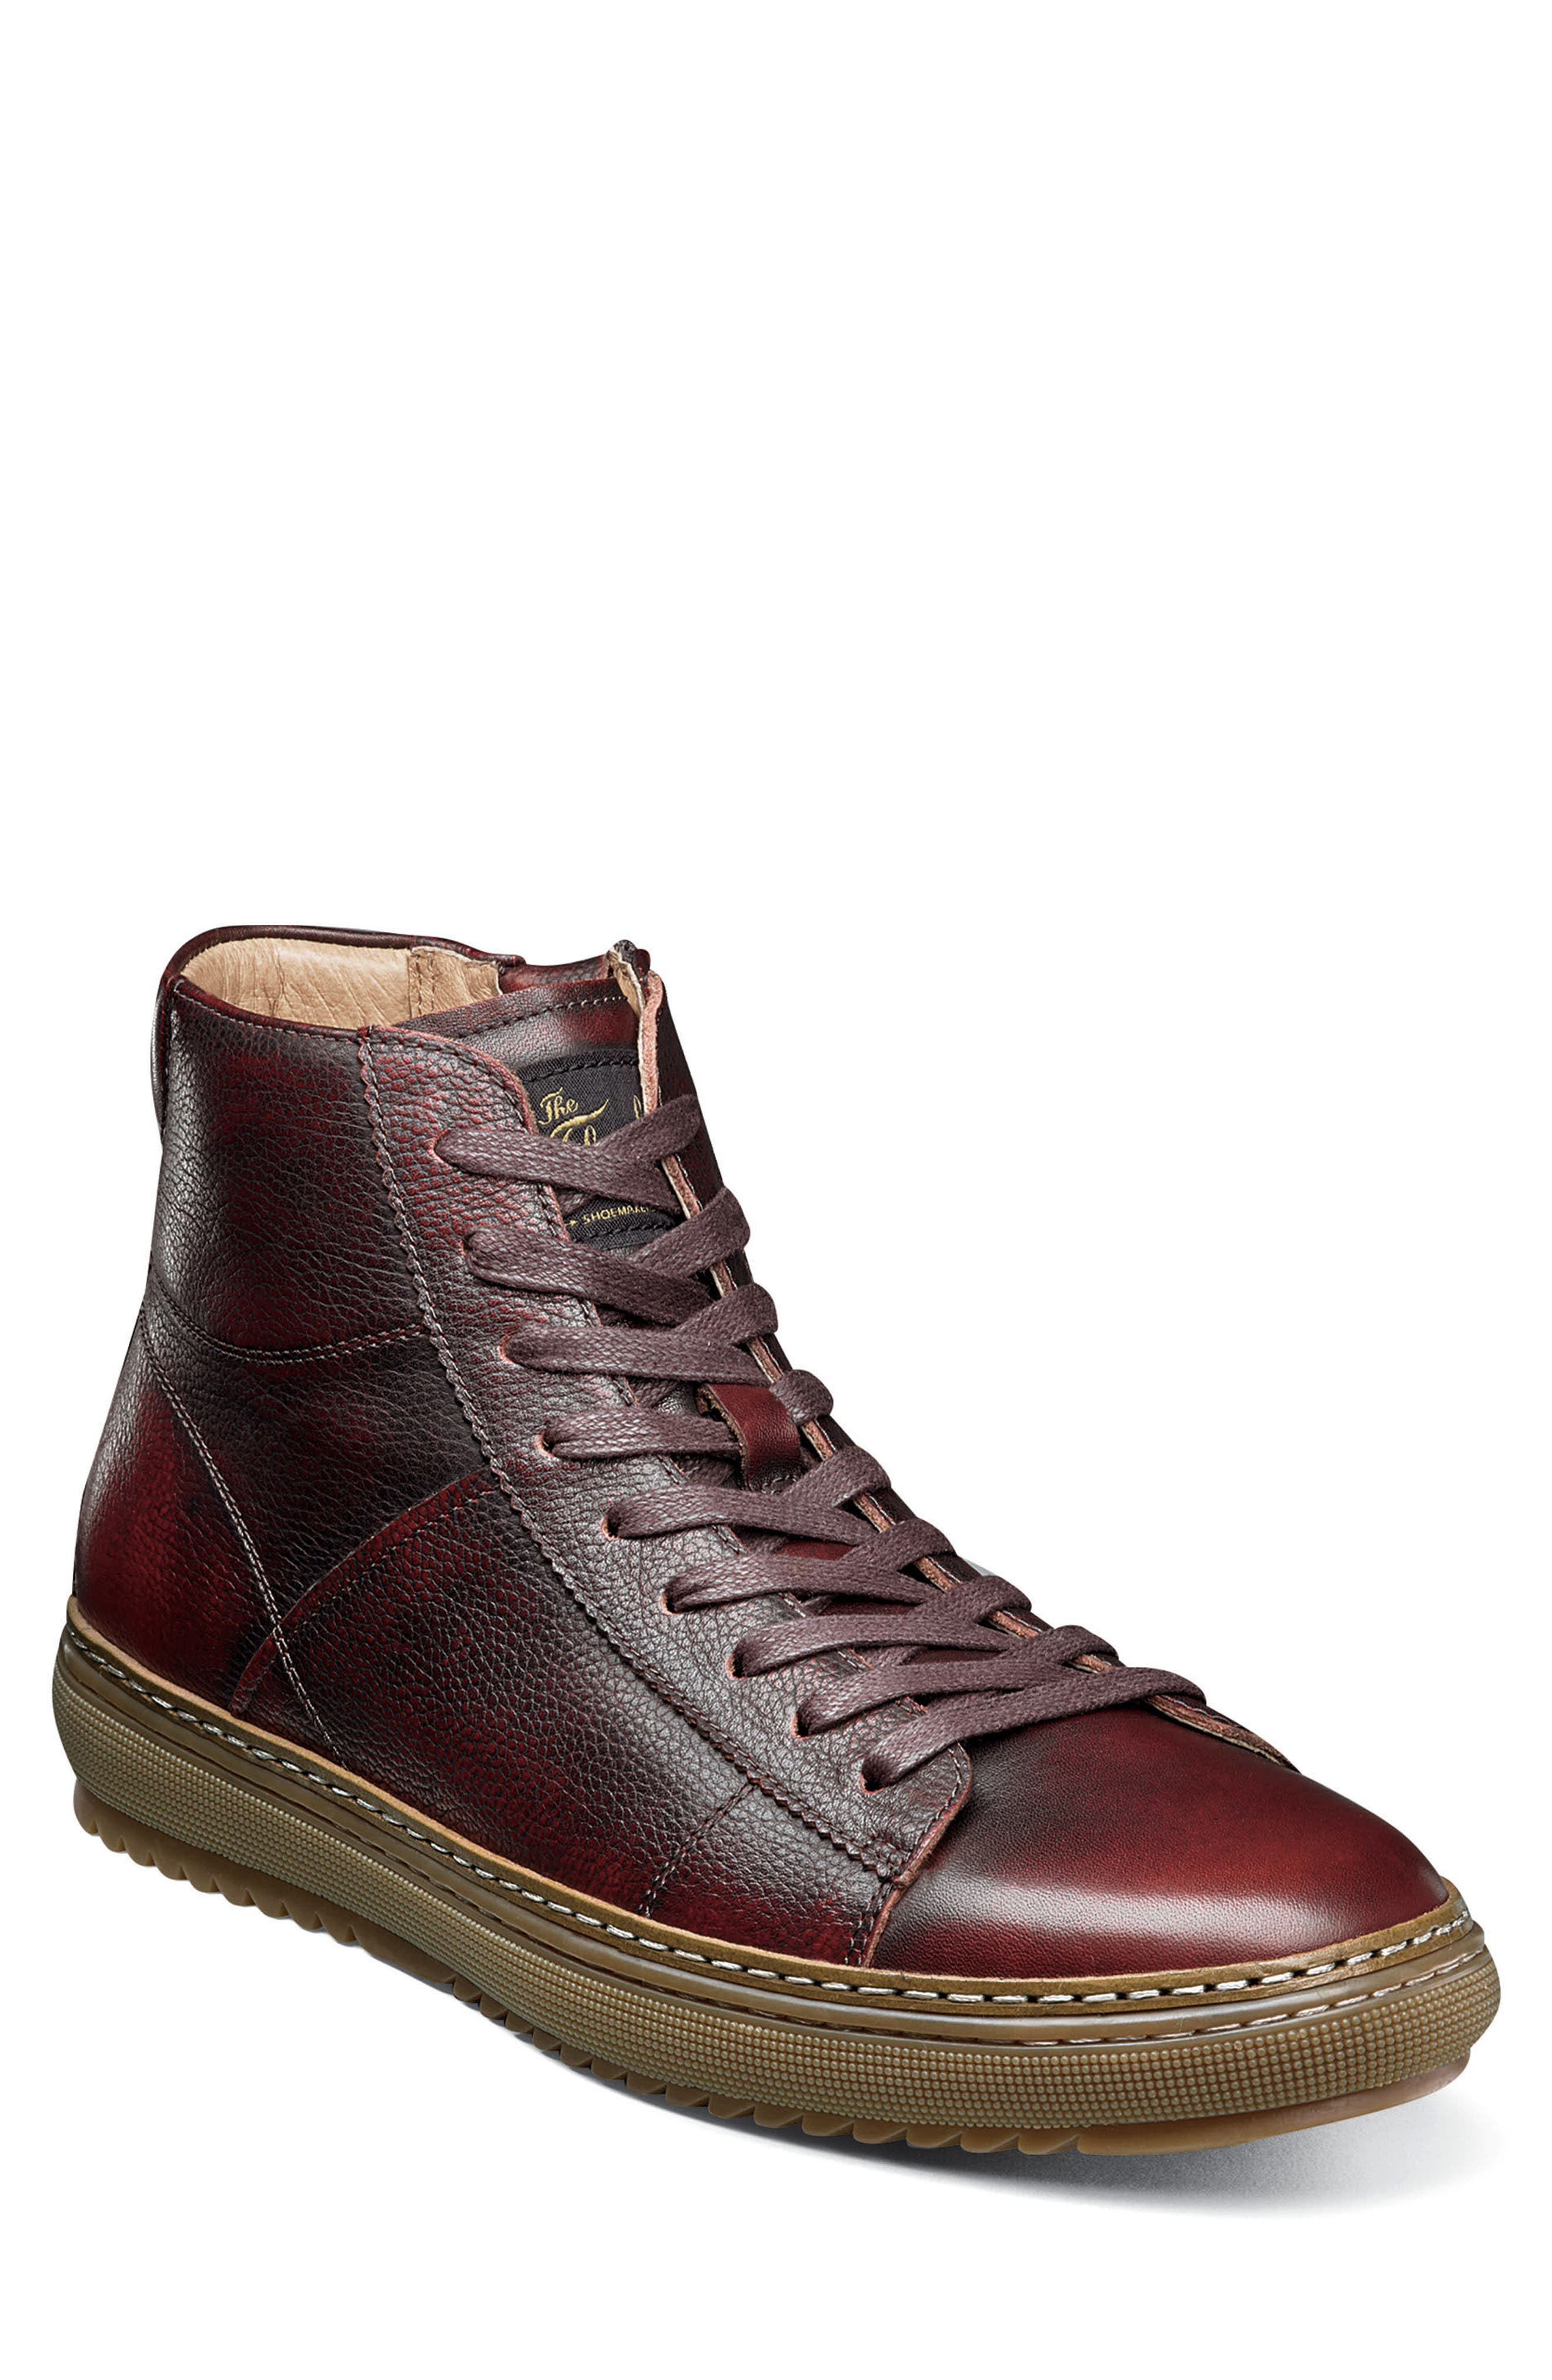 Crew Sneaker,                             Main thumbnail 3, color,